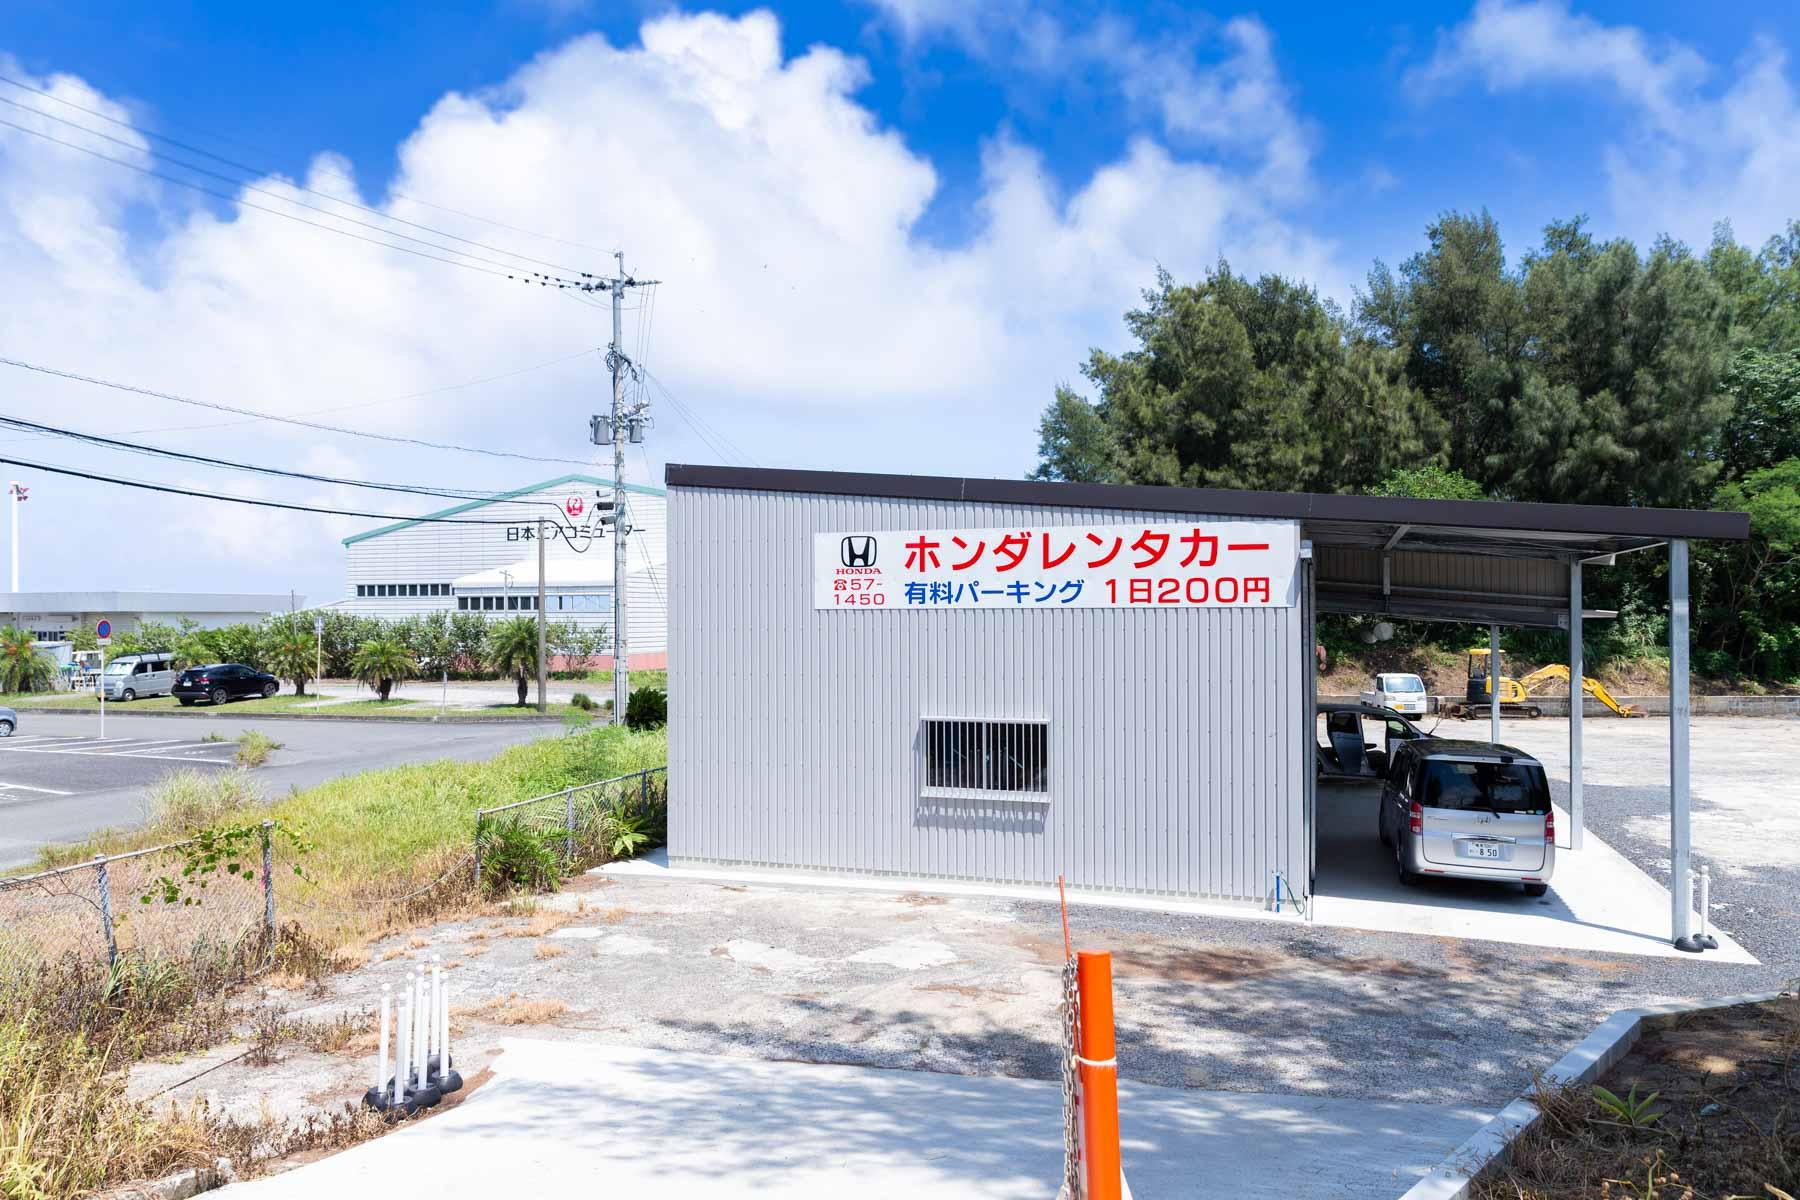 奄美大島 ホンダレンタカー 有料パーキング写真